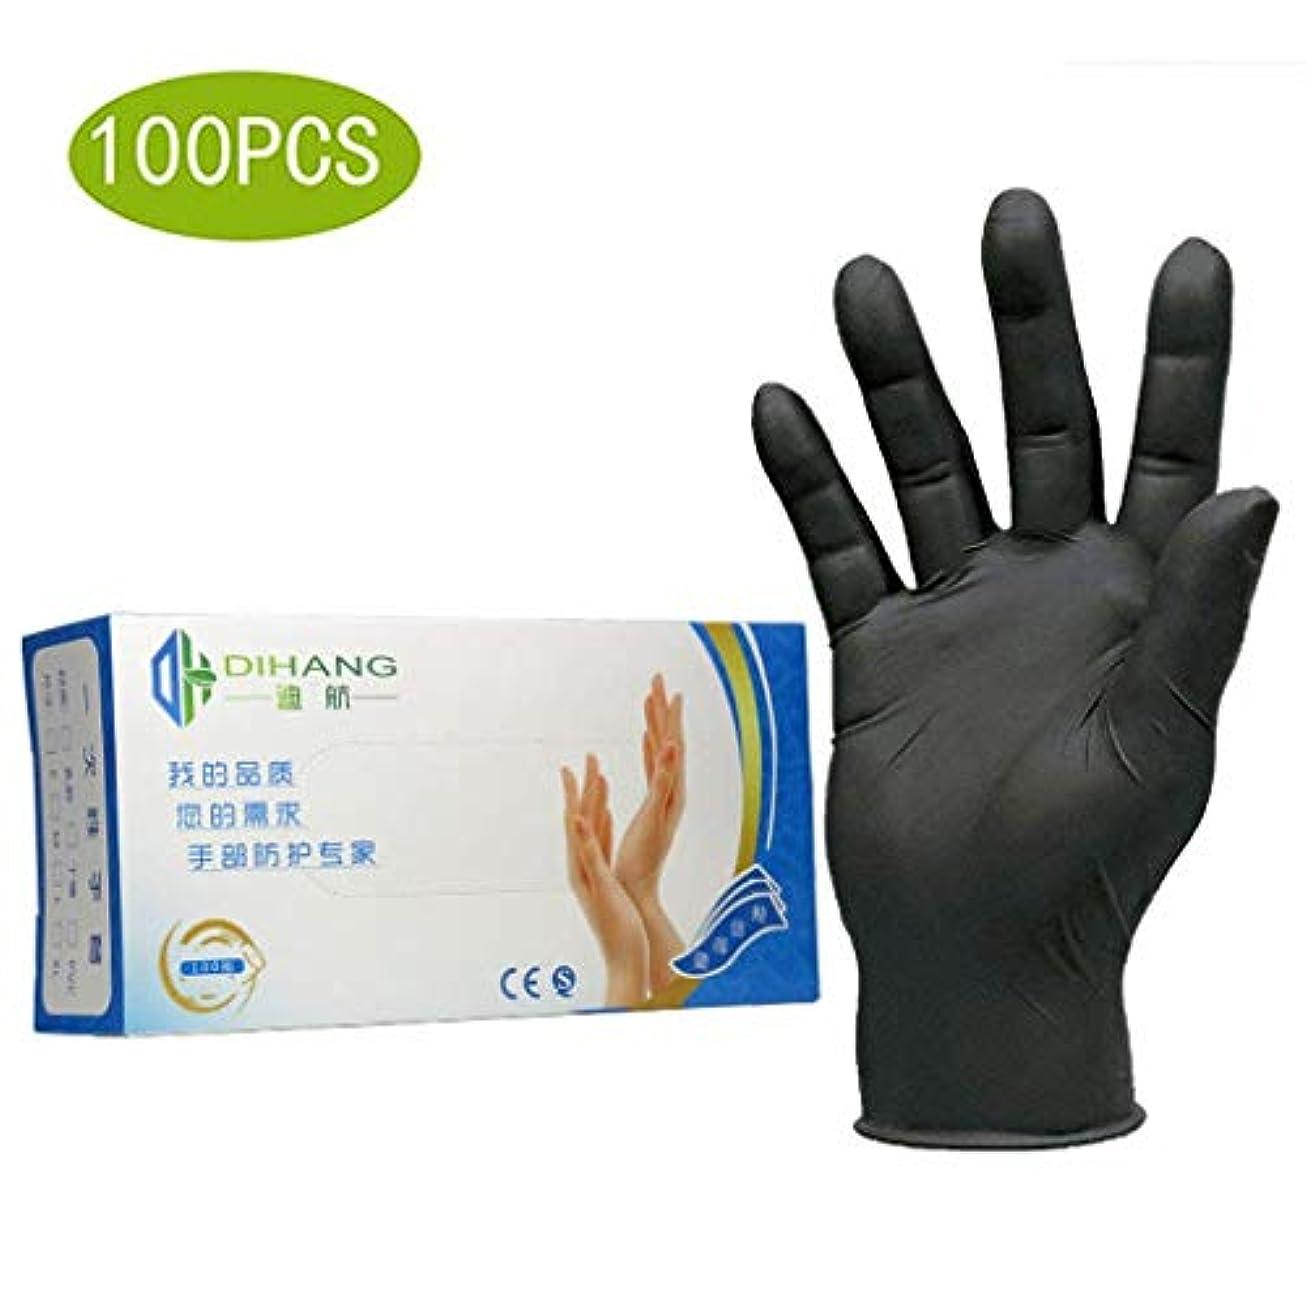 呪い普通にペン100倍使い捨て手袋耐酸性および耐アルカリ性試験軽量安全フィットニトリル手袋中粉末フリーラテックスフリータトゥー理髪産業加工労働保険 (Size : M)